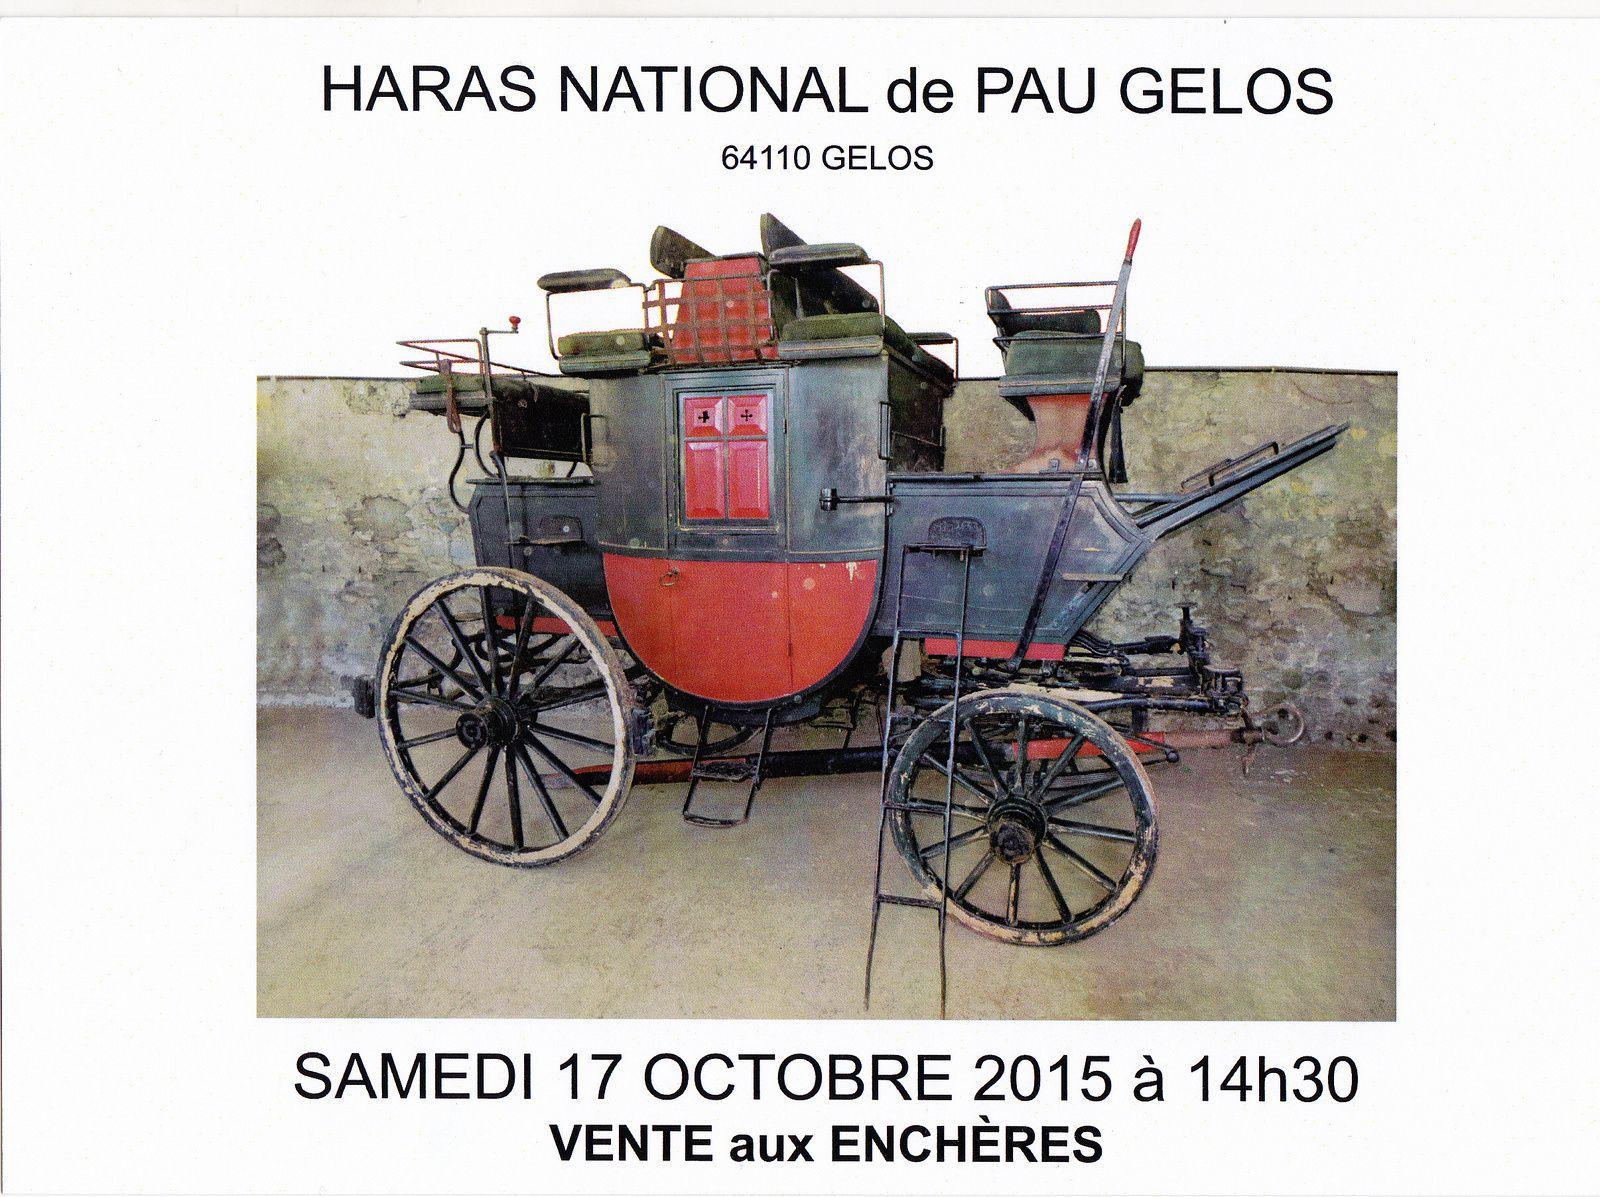 Vente aux enchères au Haras de Pau Gelos 17 Octobre 2015